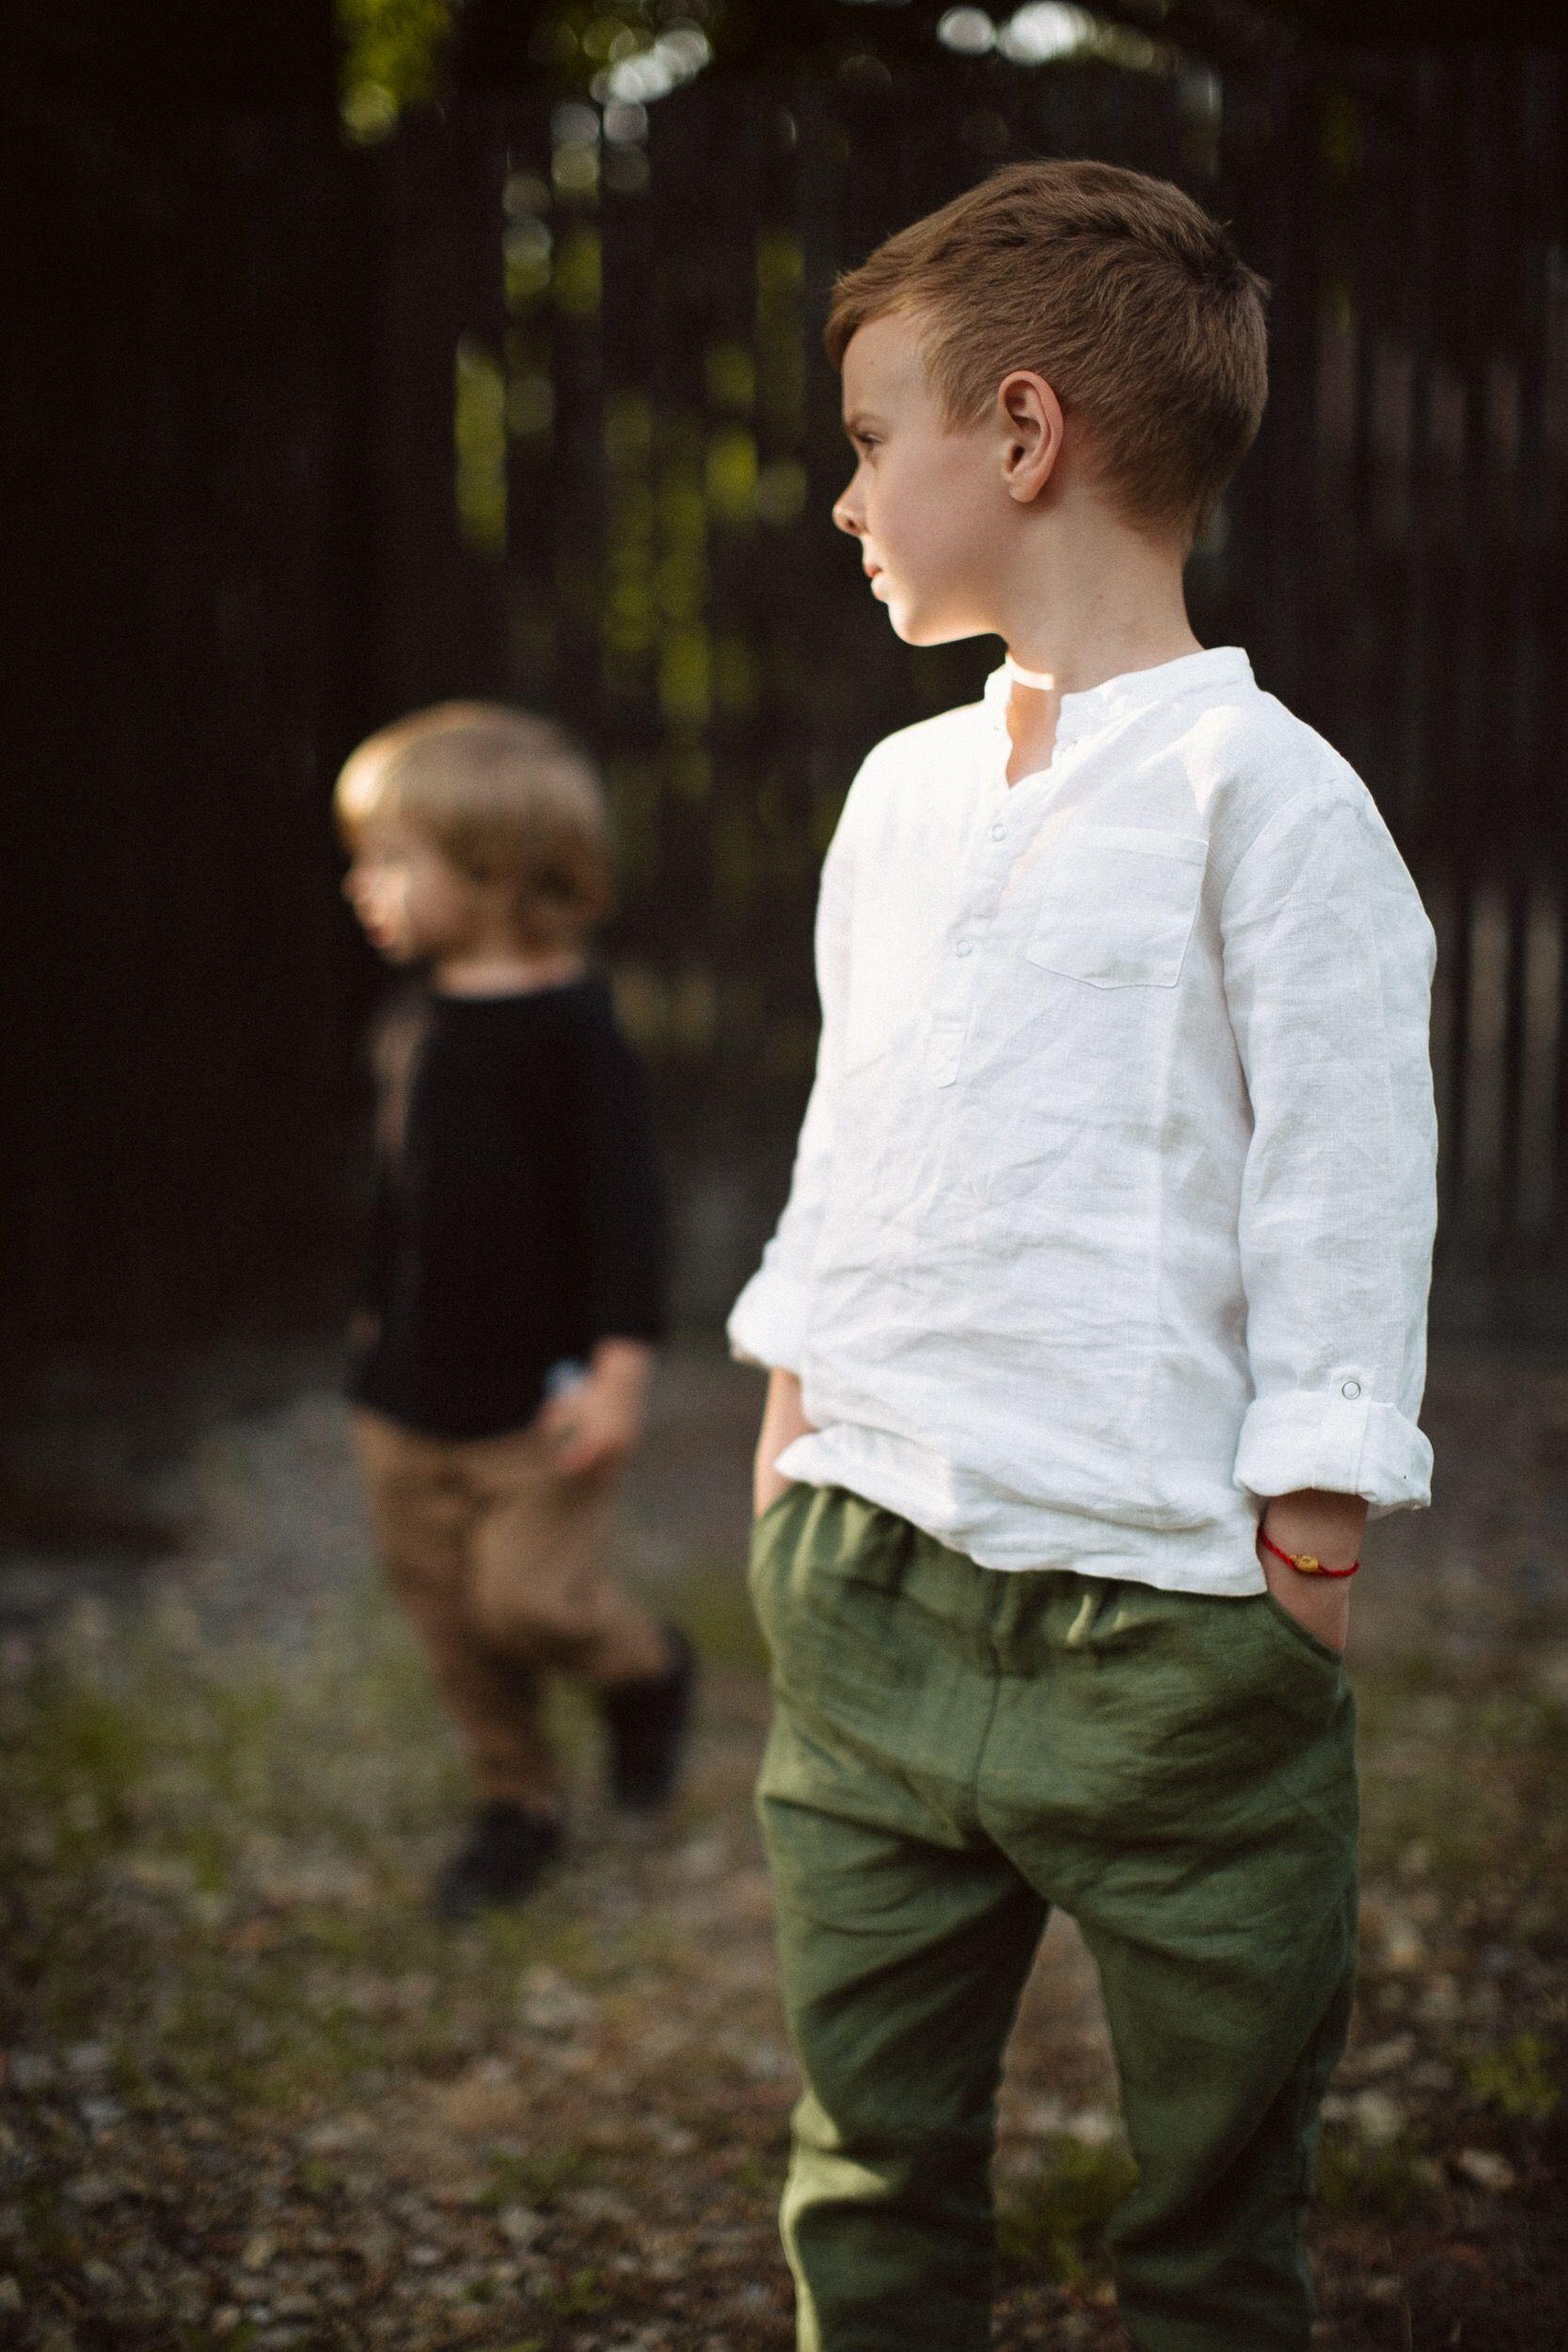 White Linen Shirt With Snaps For Boys Denim Shirt Mandarin Collar Shirt Long Sleeve Linen Shirt Boys Dress Shirt In 2021 Boys Linen Pants Boys Denim Shirt Boys Dress Shirts [ 2500 x 1667 Pixel ]